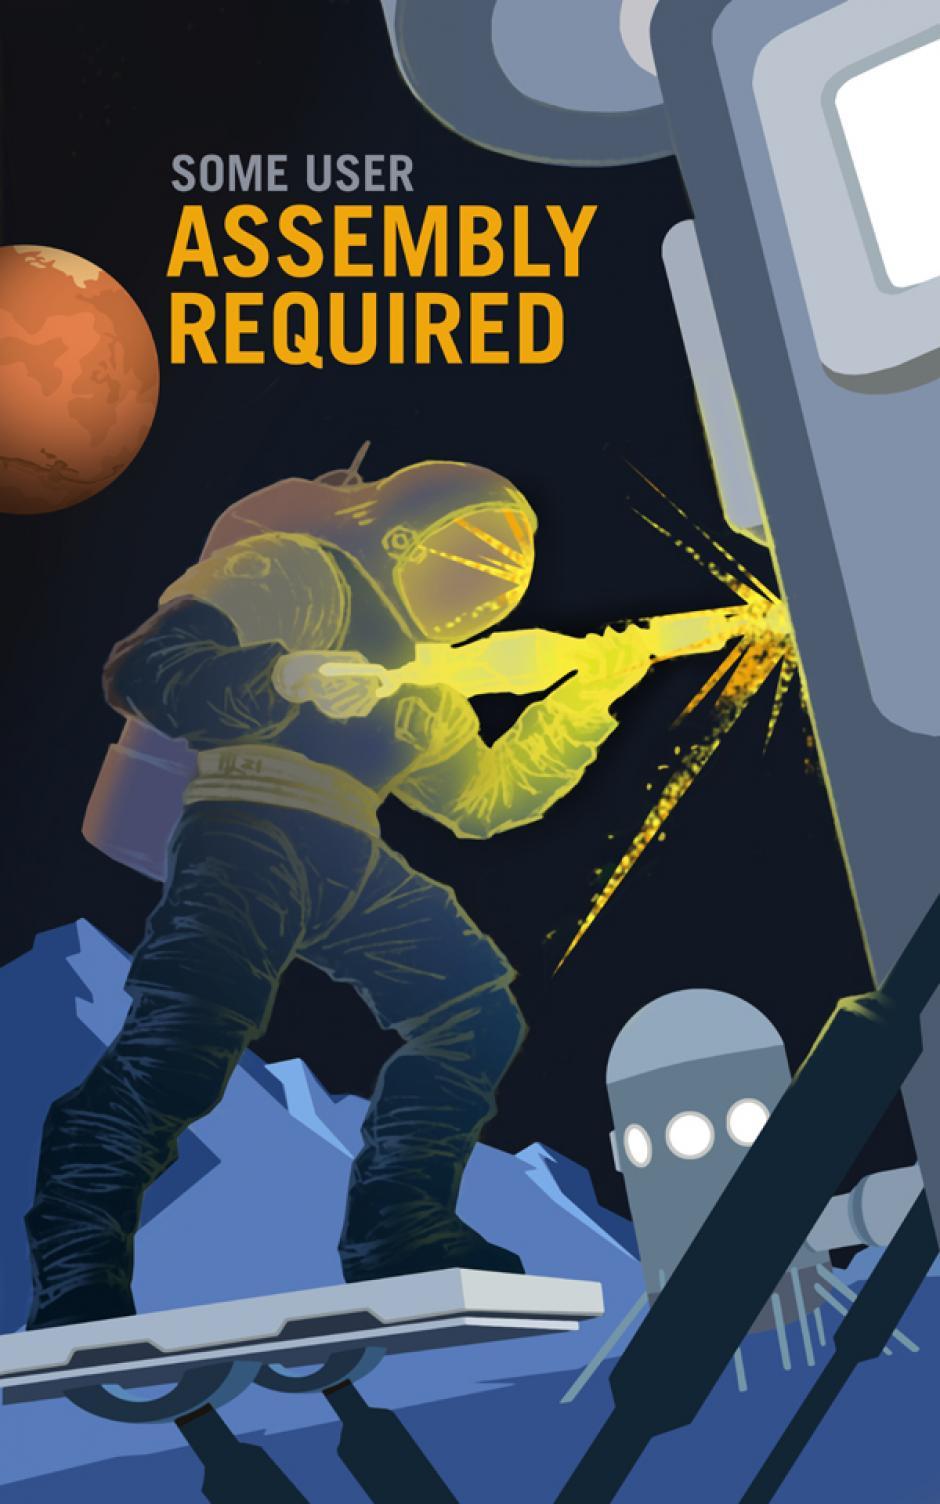 """""""Se requerirá ensamblarlo"""" (Foto: NASA)"""